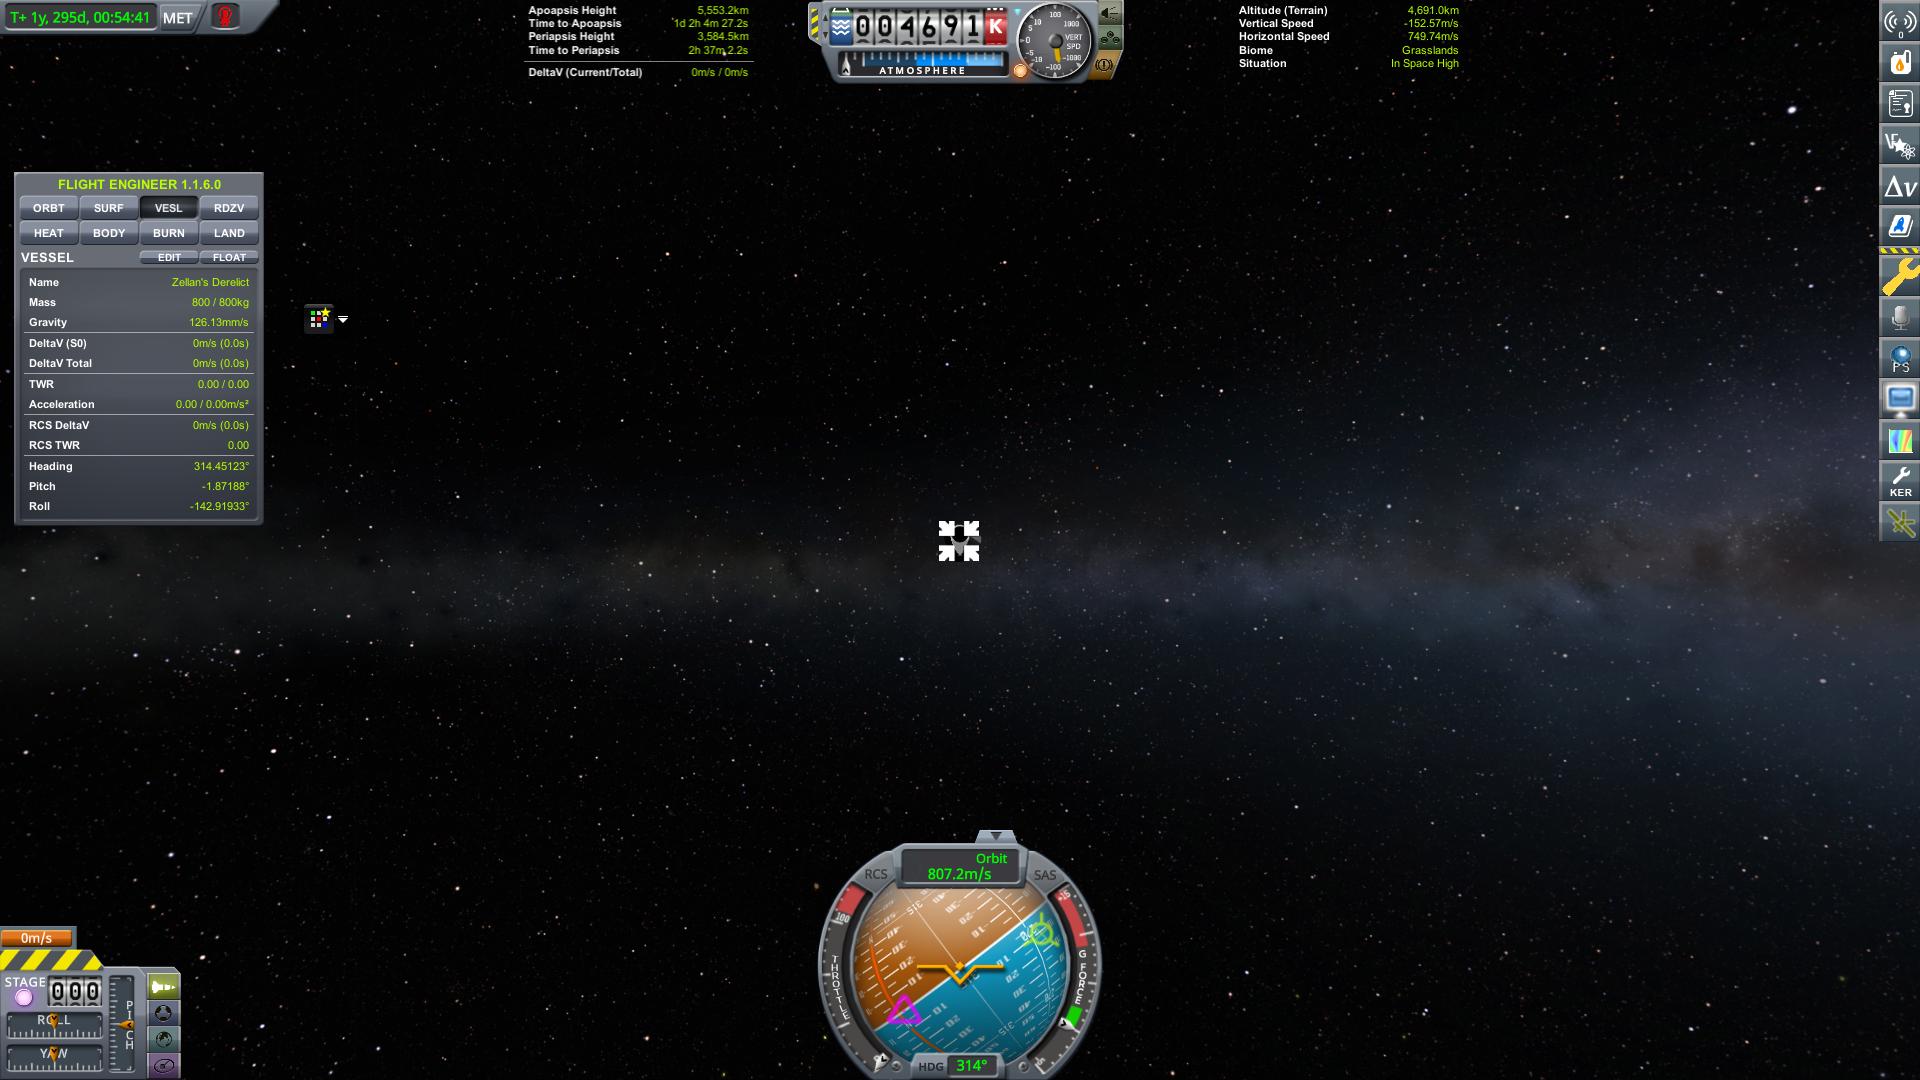 Kerbal-Space-Program-26-08-2019-21-31-02